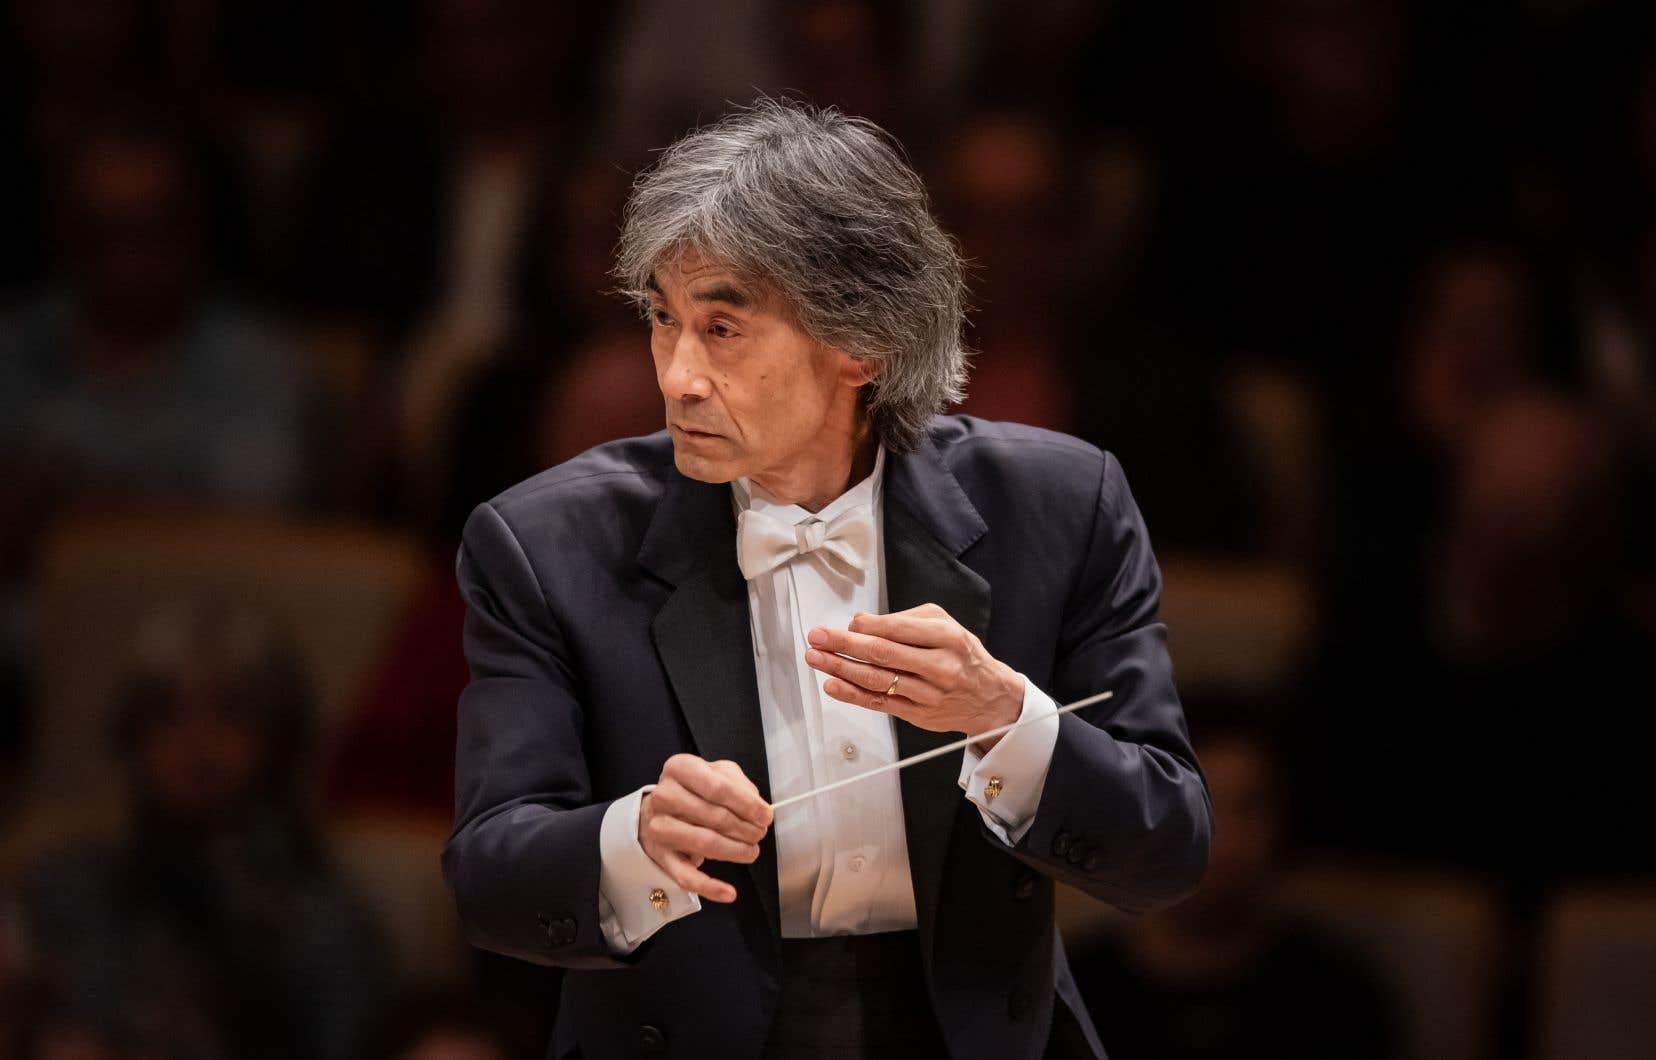 Le chef Kent Nagano conduira son concert final avec la «2eSymphonie» de Mahler à la Maison symphonique de Montréal.